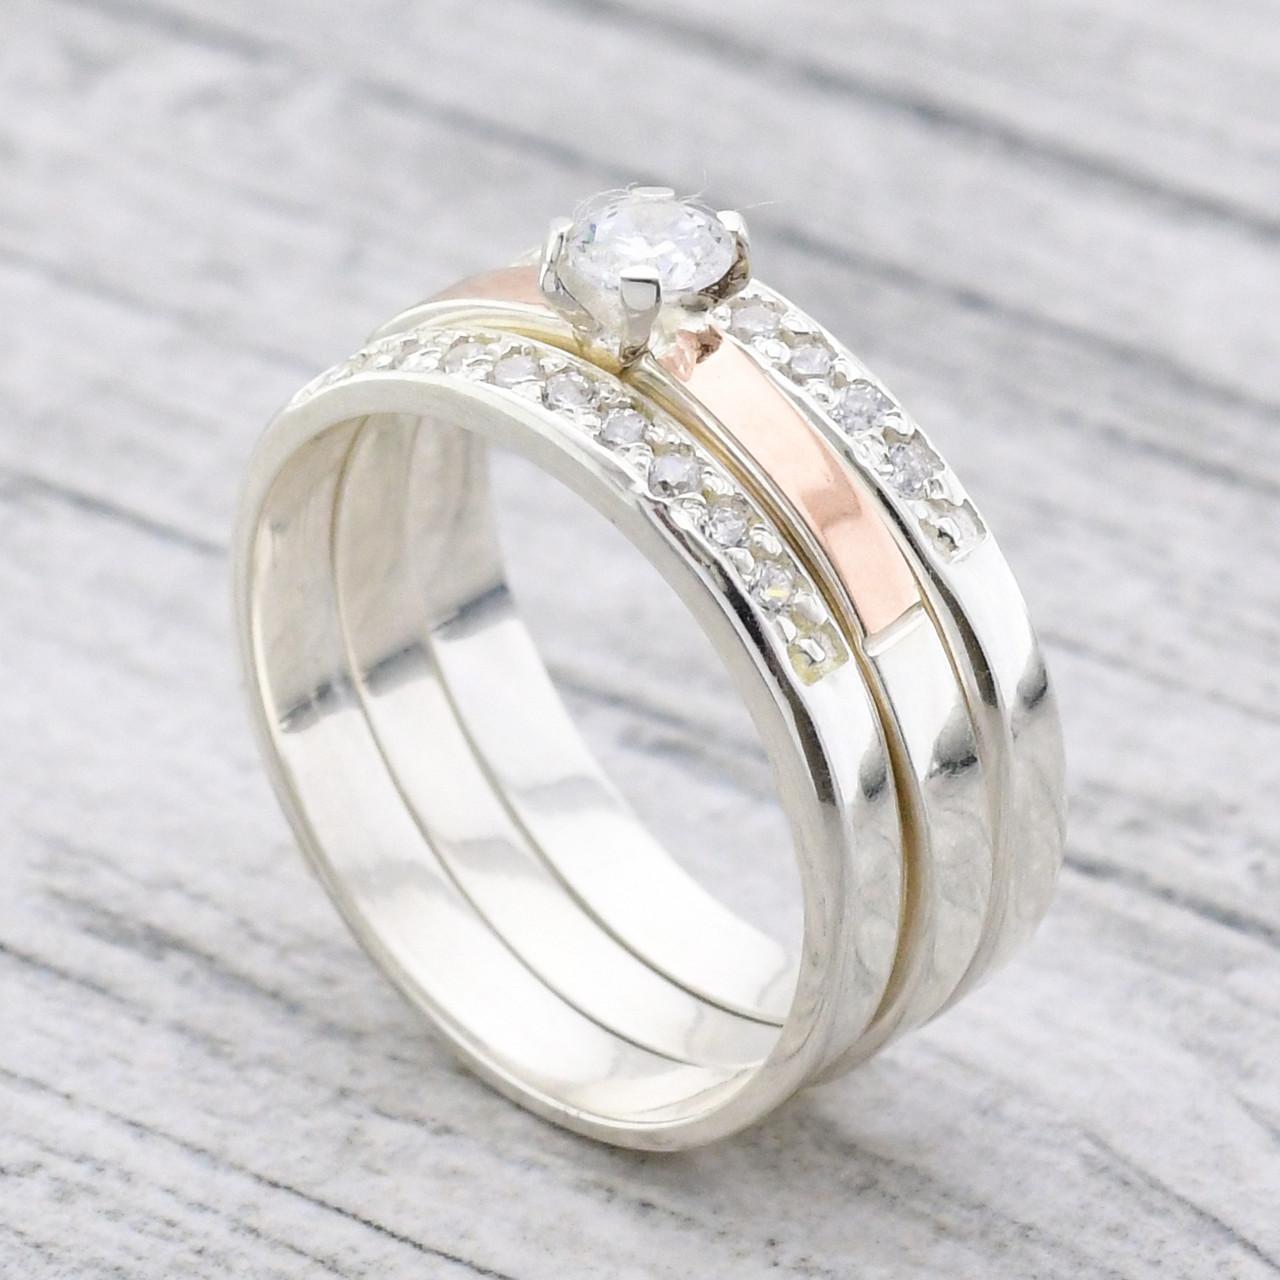 """Серебряное кольцо тройное с золотыми пластинами """"Трио"""", вставка белые фианиты, вес 5.71, размер 21"""